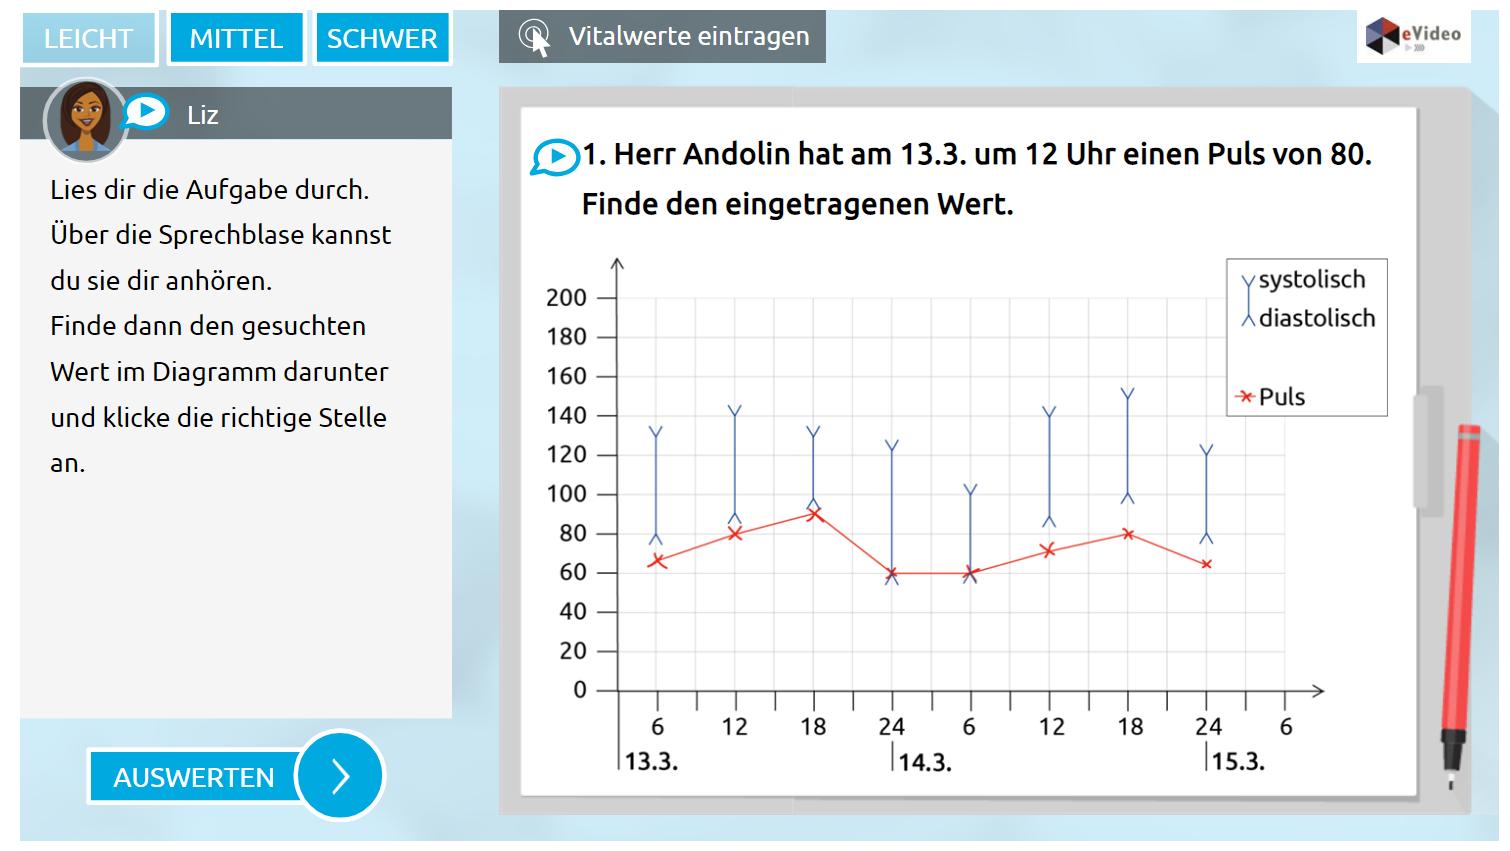 eVideo ``Rechnen in der Pflege``: Screenshot zur Übung: Vitalwerte berechnen